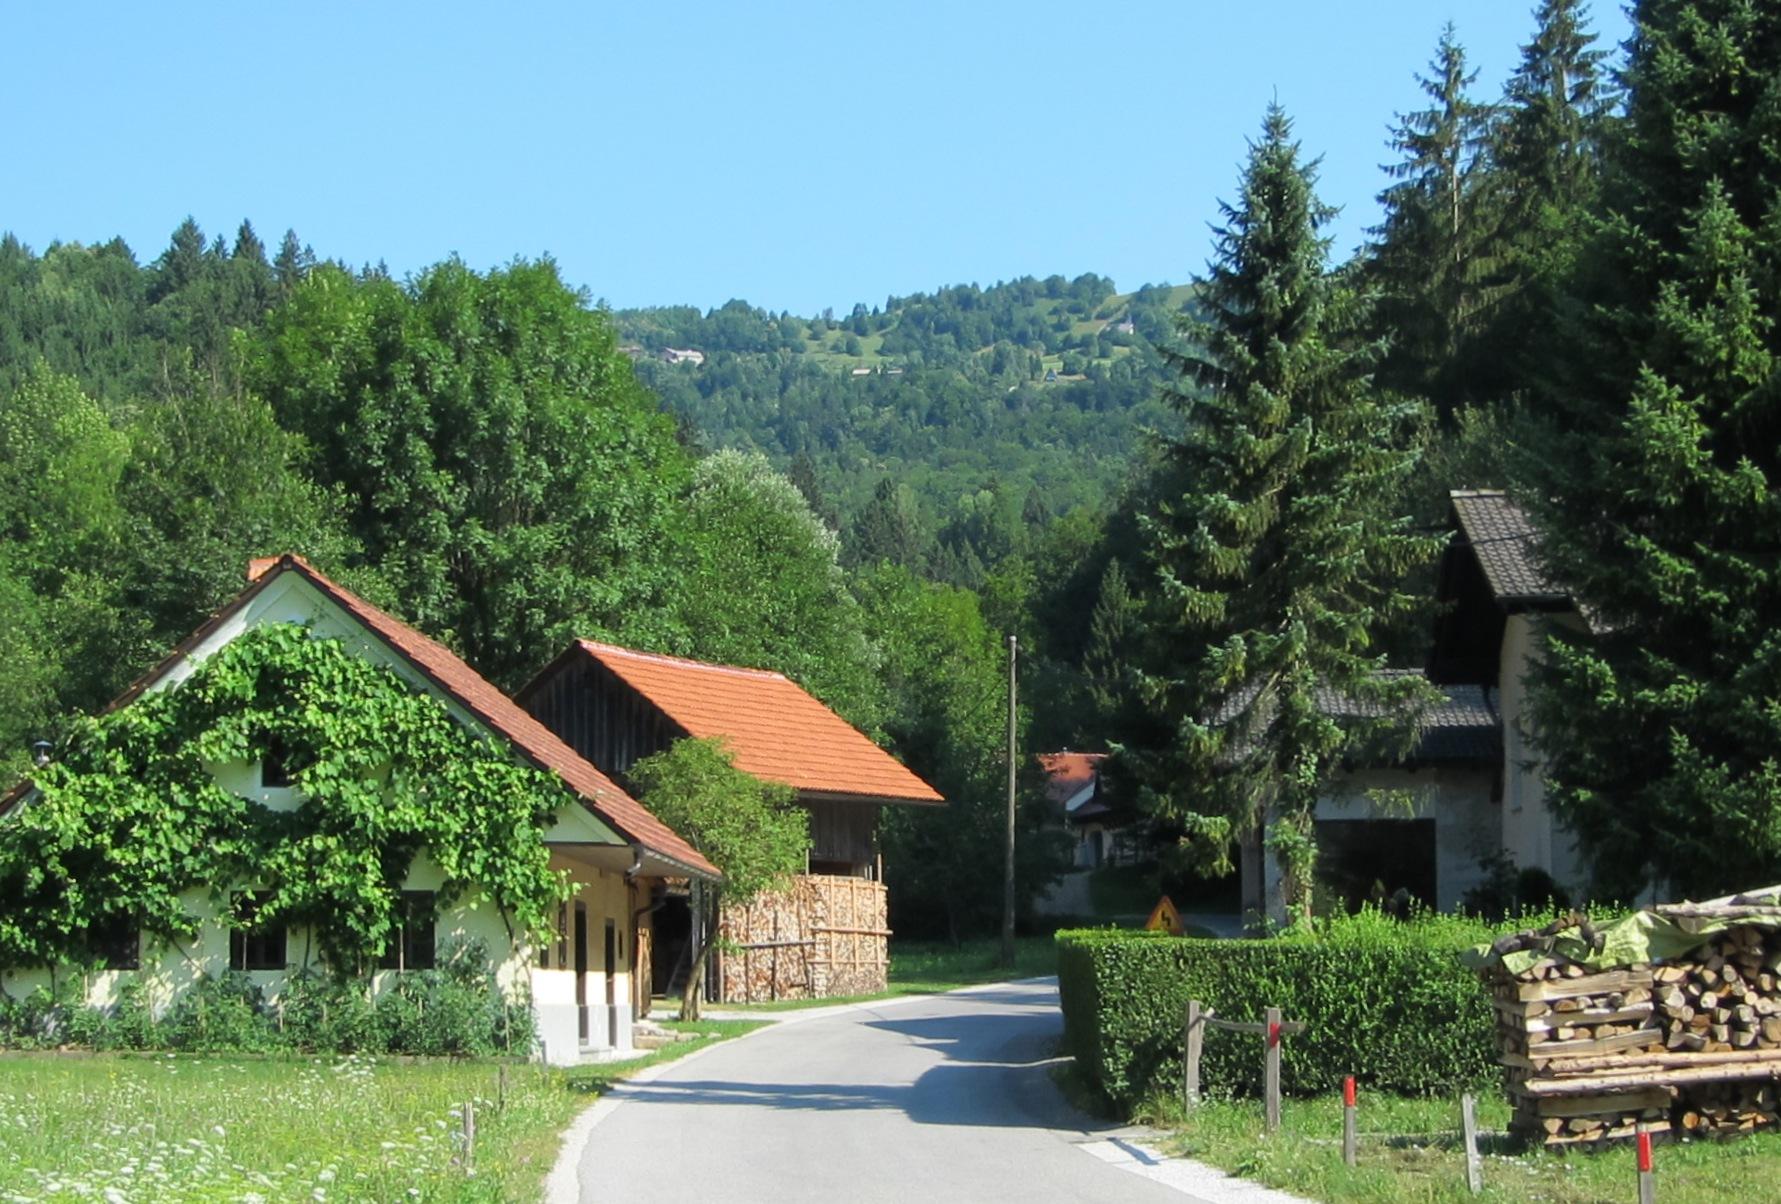 Gabrje (Dobrova-Polhov Gradec)